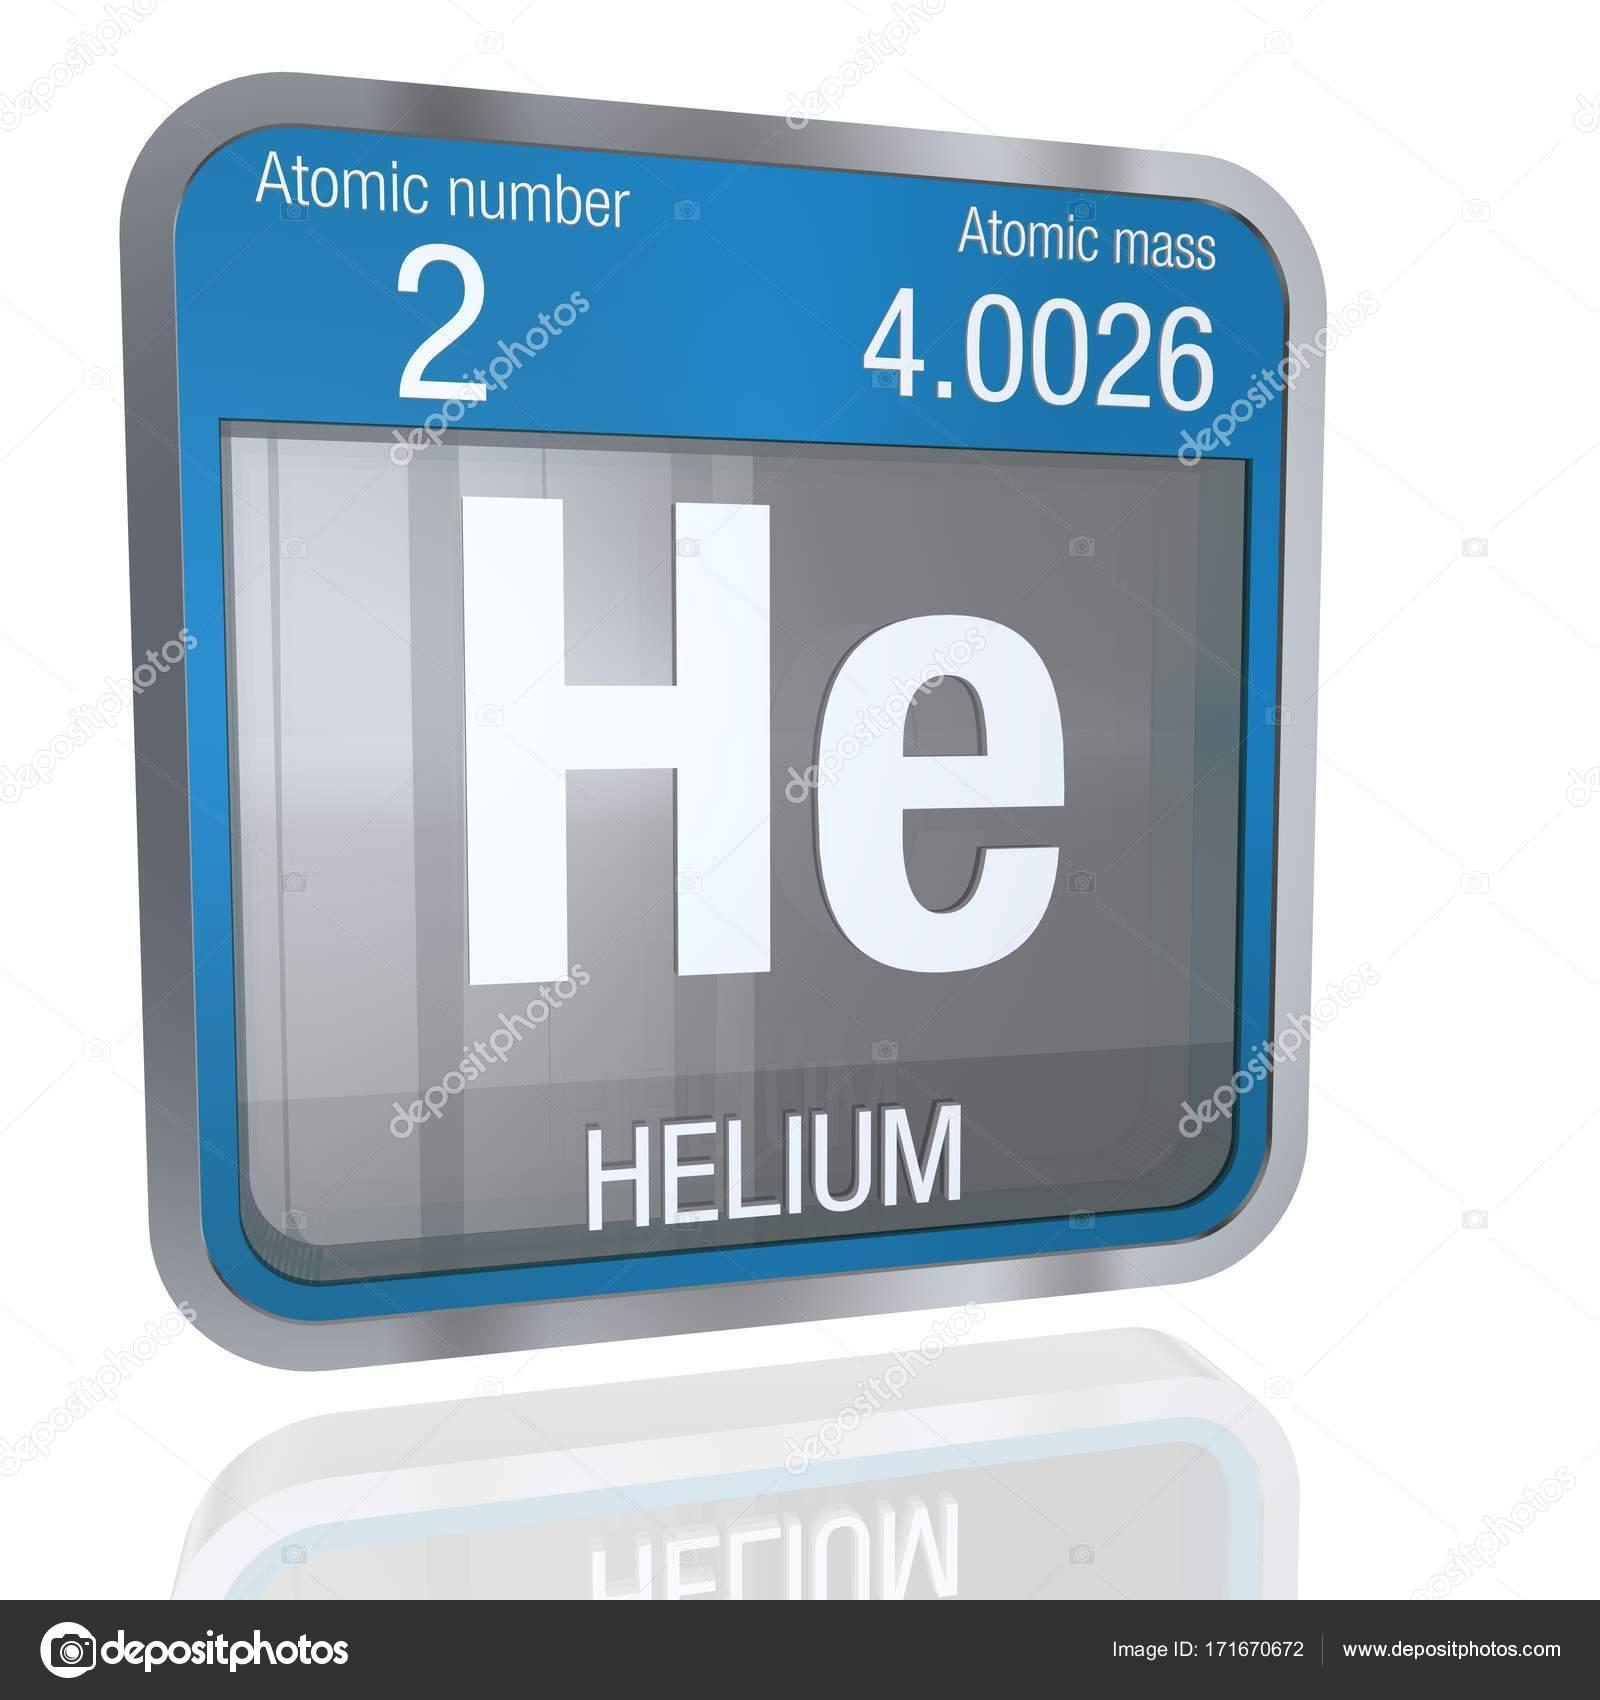 Smbolo de helio en forma cuadrada con borde metlico y fondo smbolo de helio en forma cuadrada con borde metlico y fondo transparente con reflejo en el piso 3d render elemento nmero 2 de la tabla peridica de los urtaz Choice Image